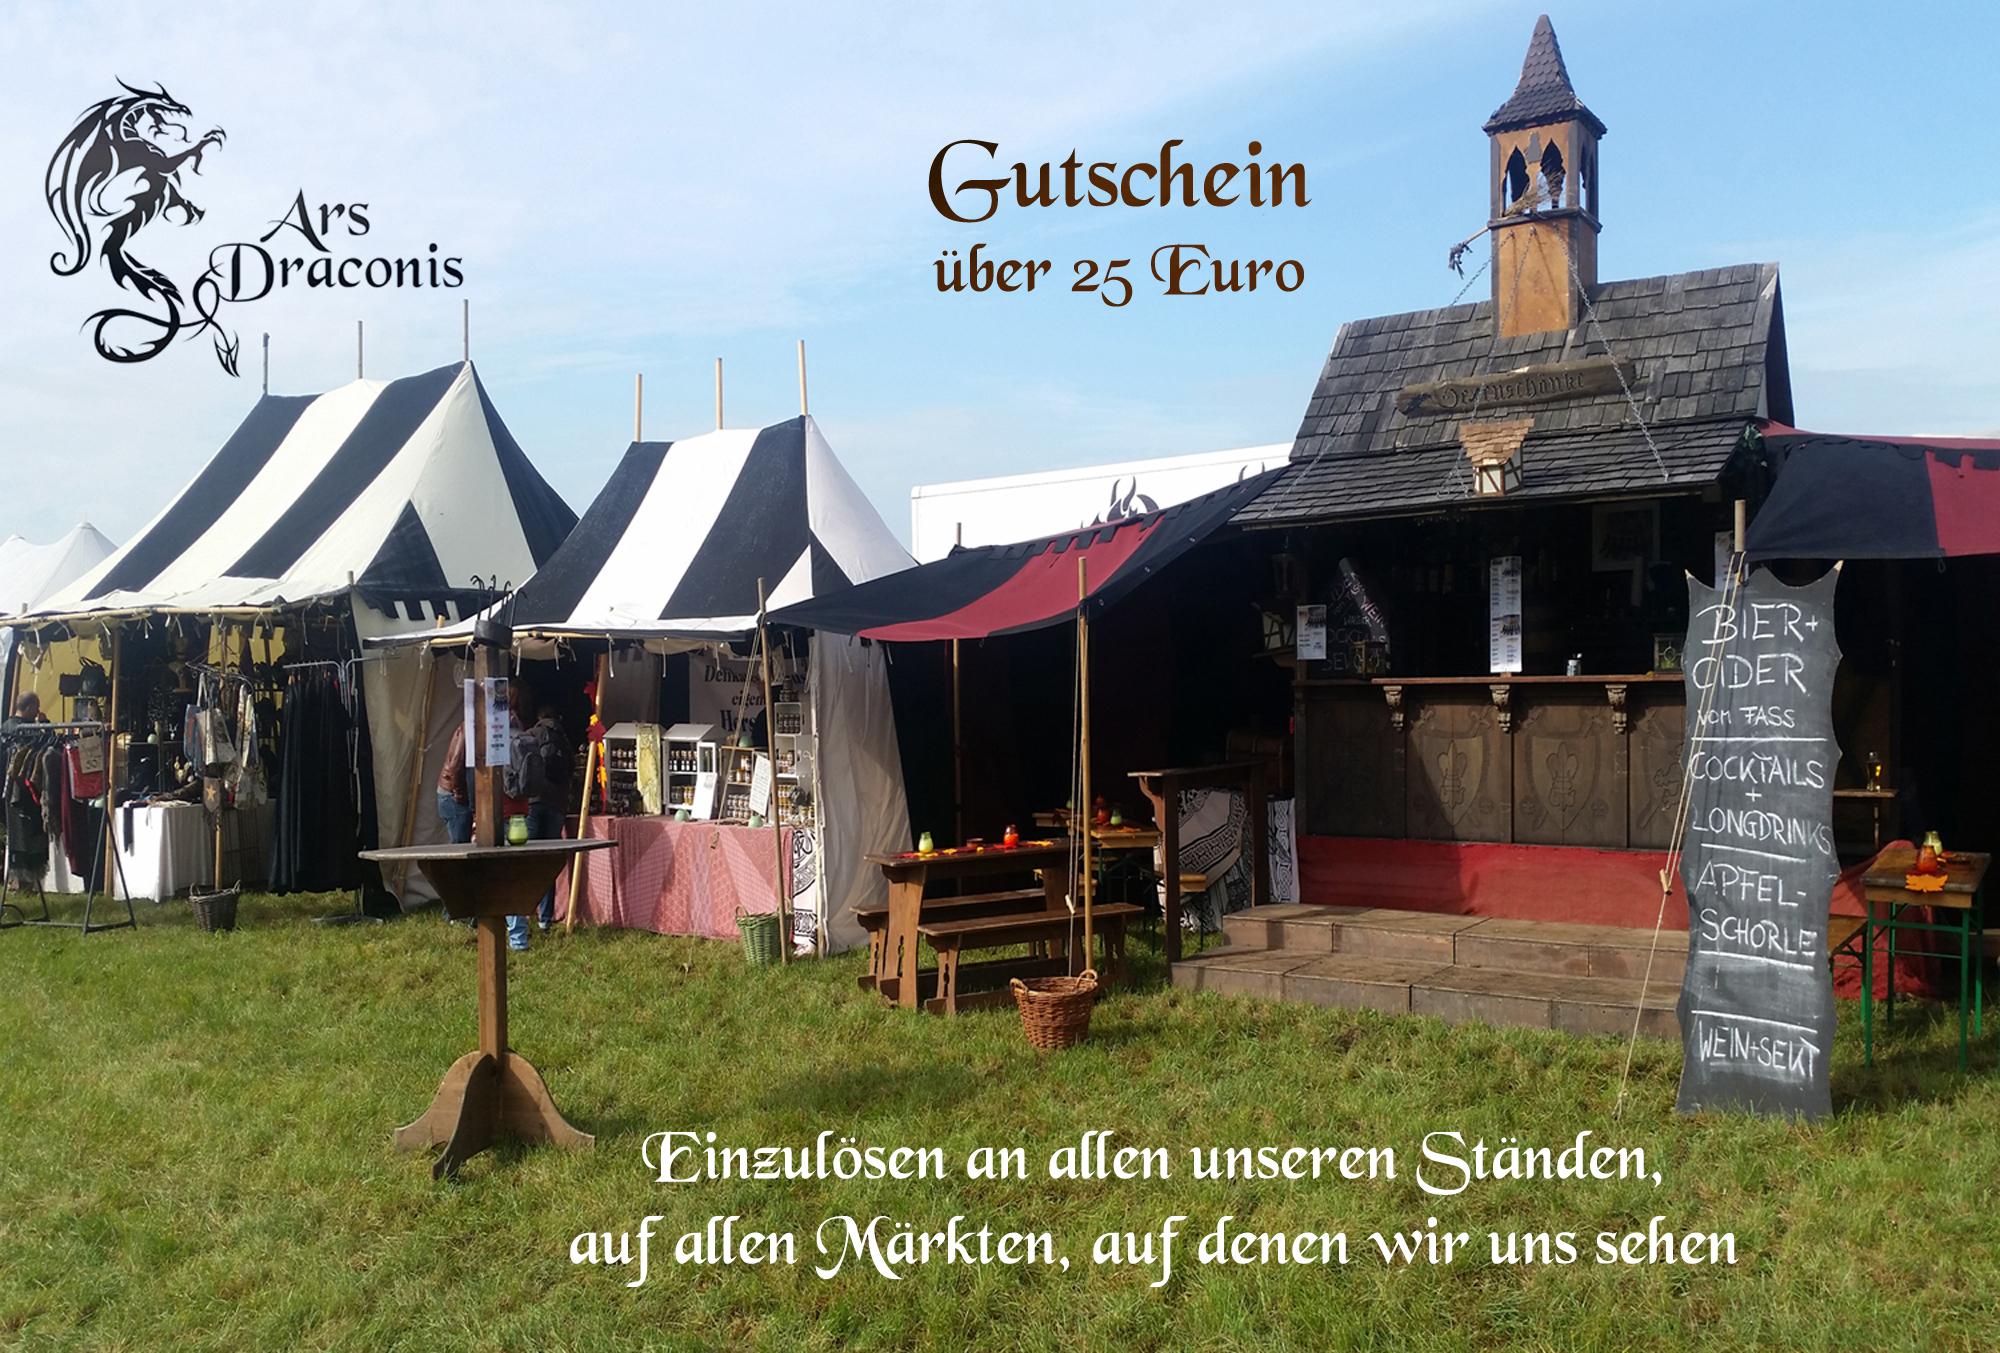 Ars Draconis Gutschein - 25€